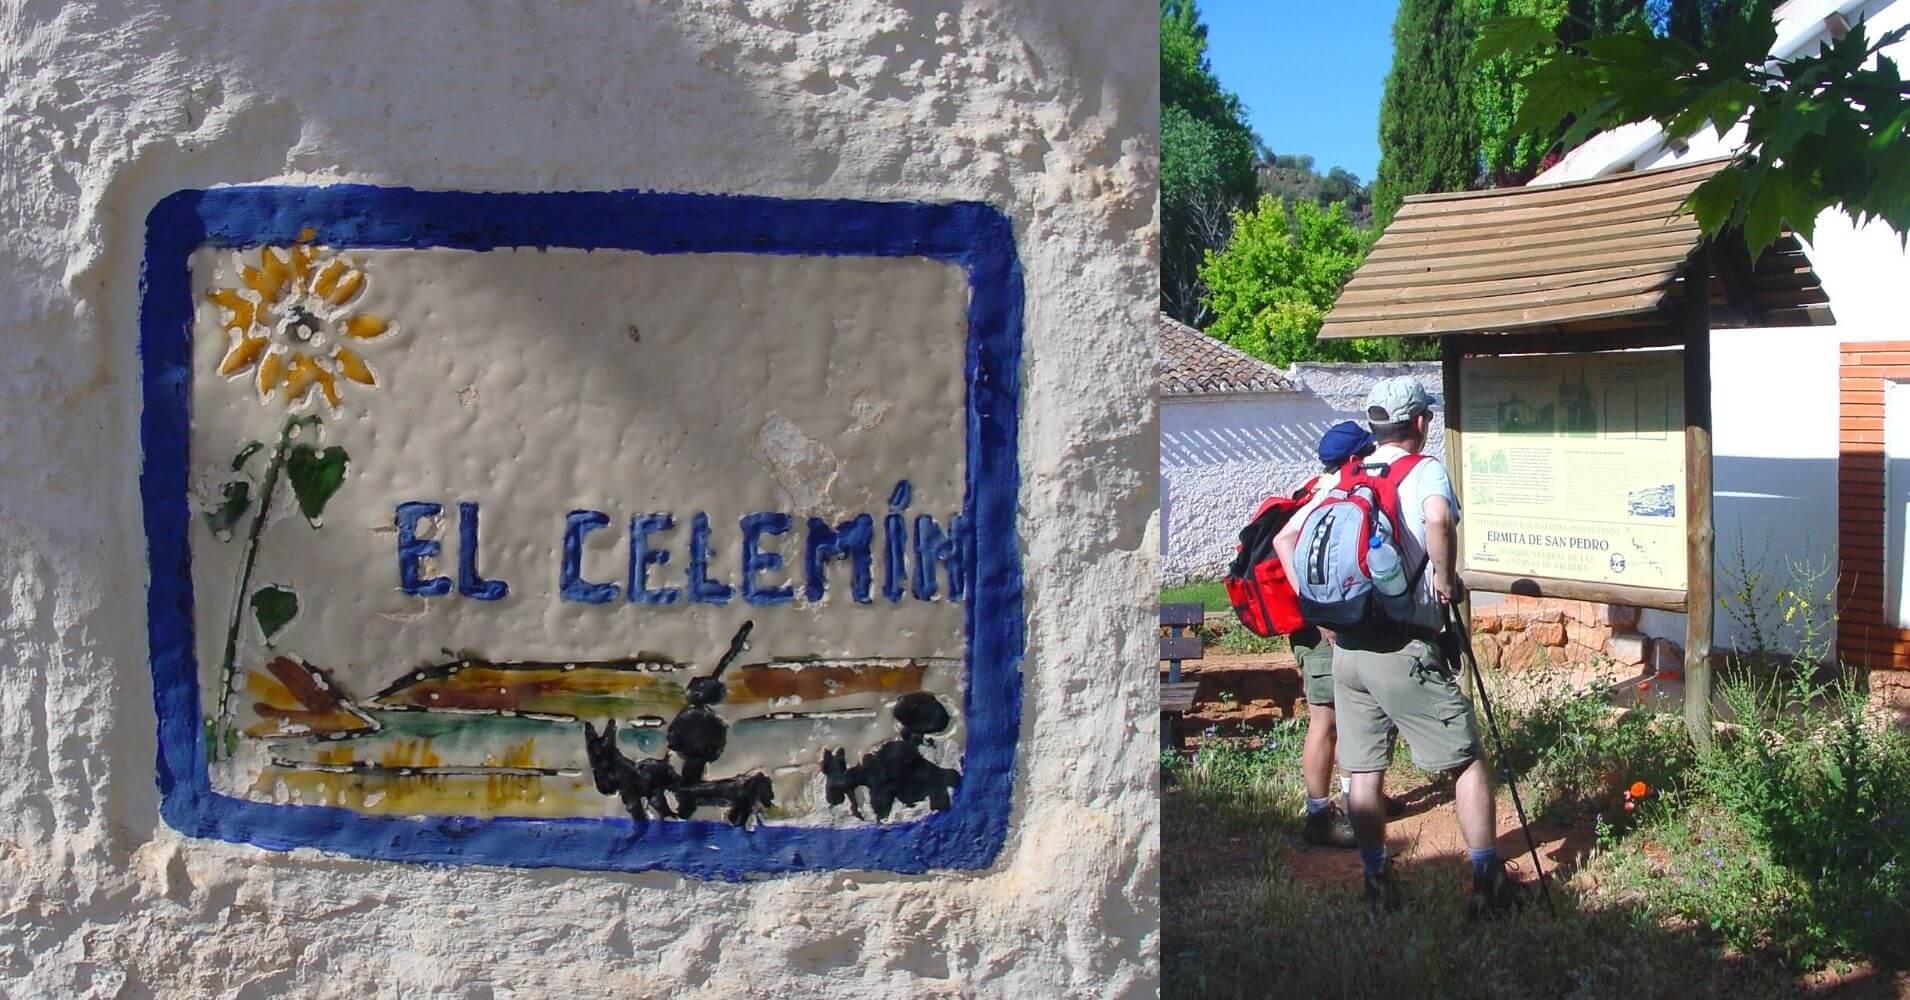 Venta el Celemin. Lagunas de Ruidera. Ciudad Real, Albacete. Castilla la Mancha.